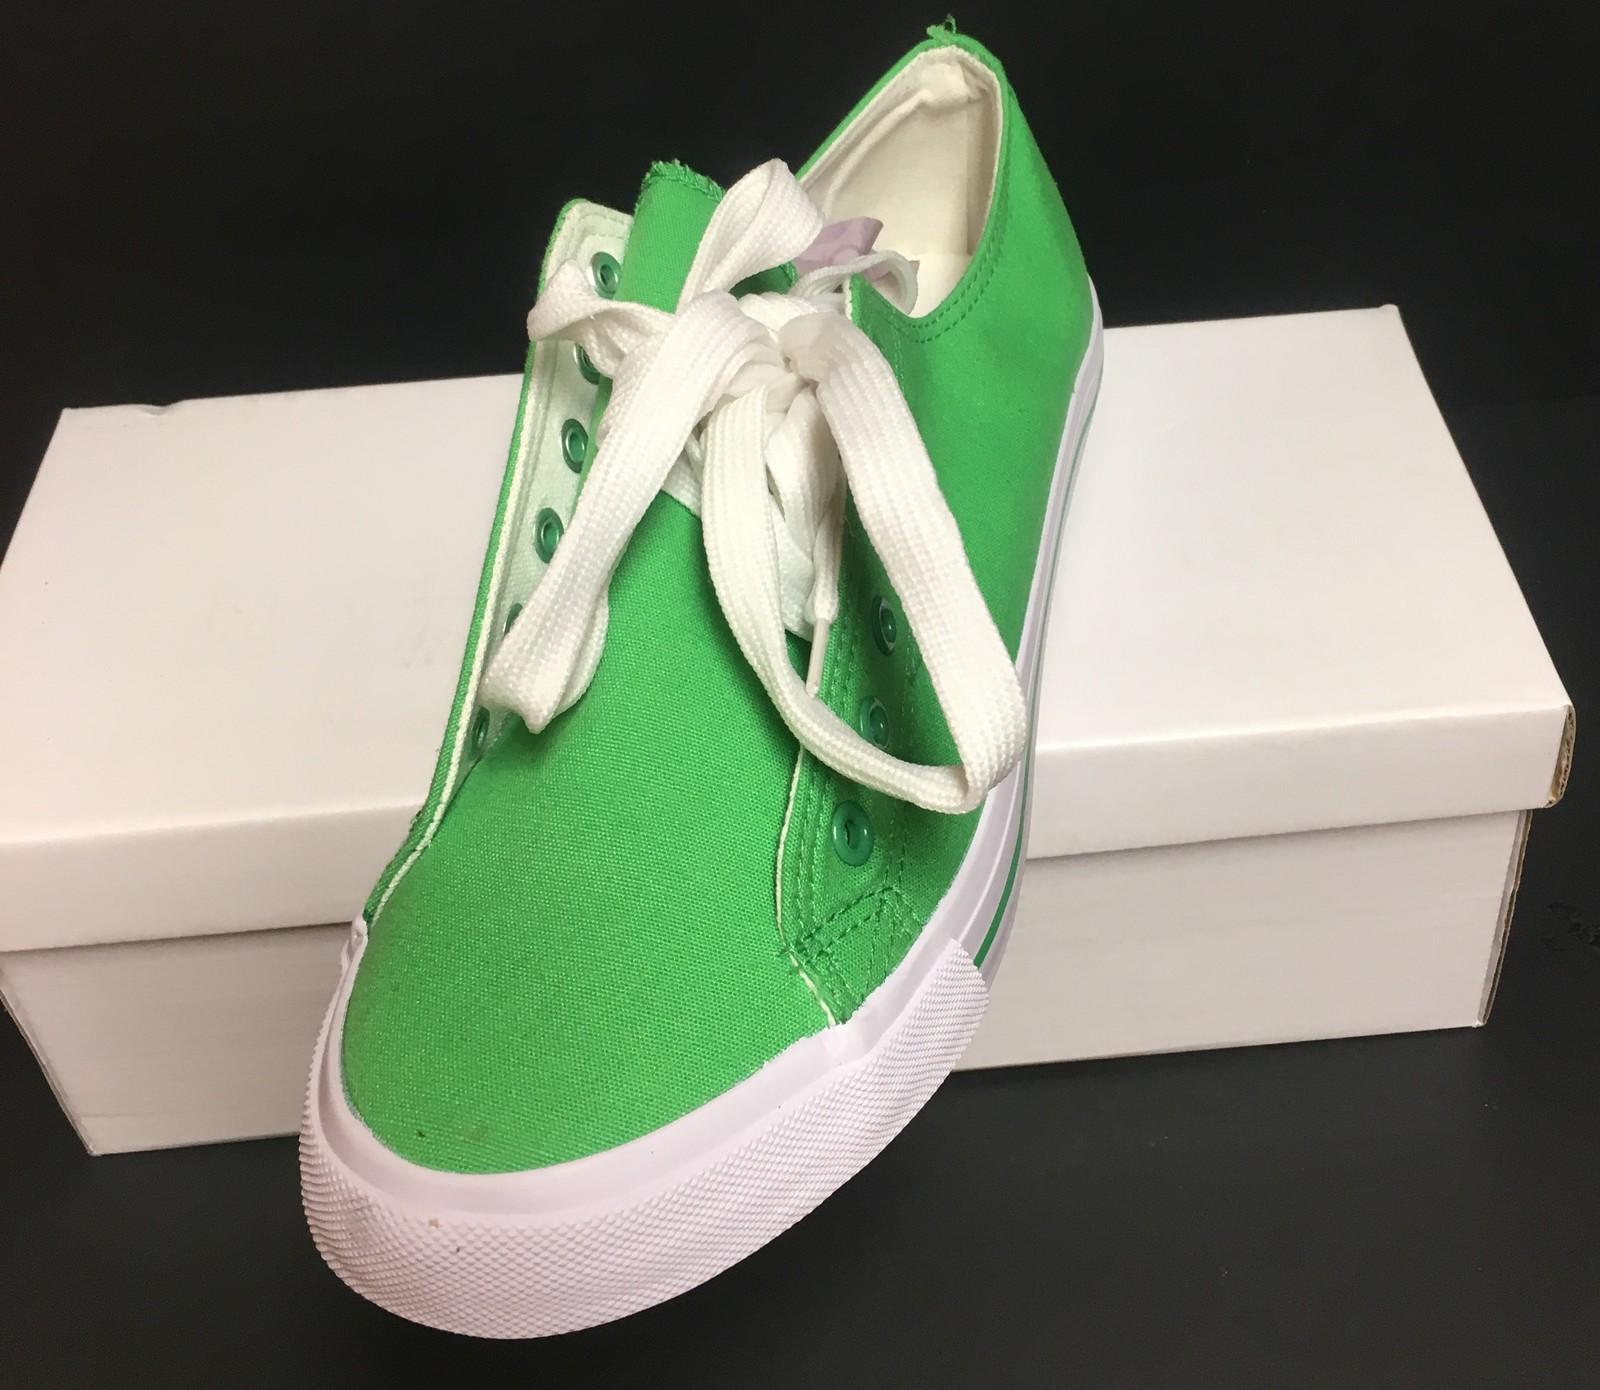 Custom School Kicks Canvas Tennis Shoes Unisex 10/11.5 Lime Green NIB image 3